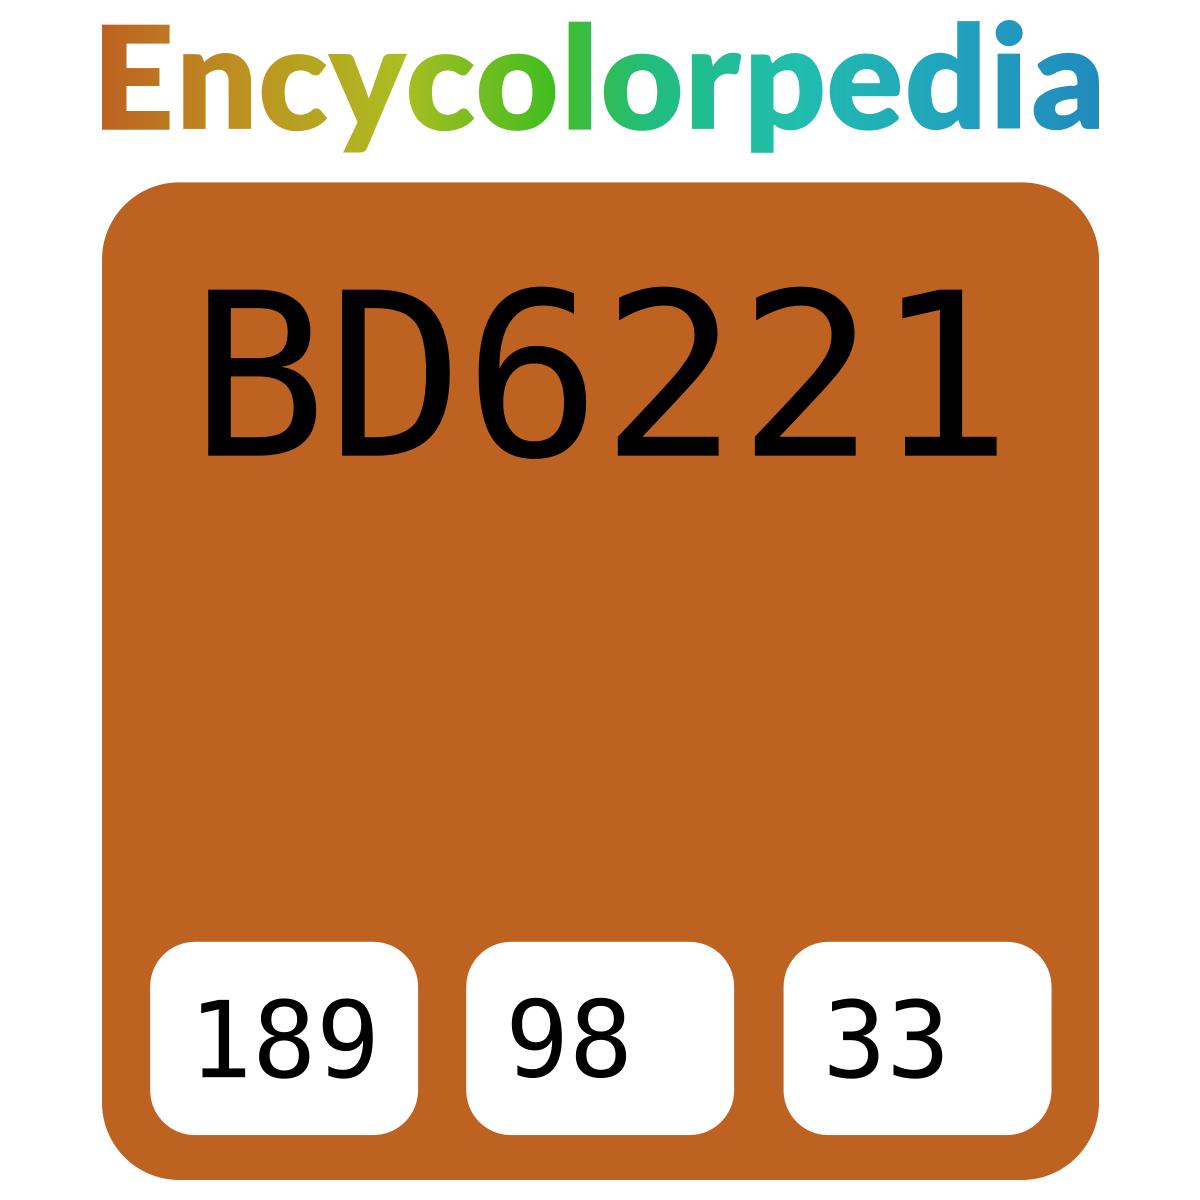 bd6221 Схемы Шестнадцатеричных Кодов